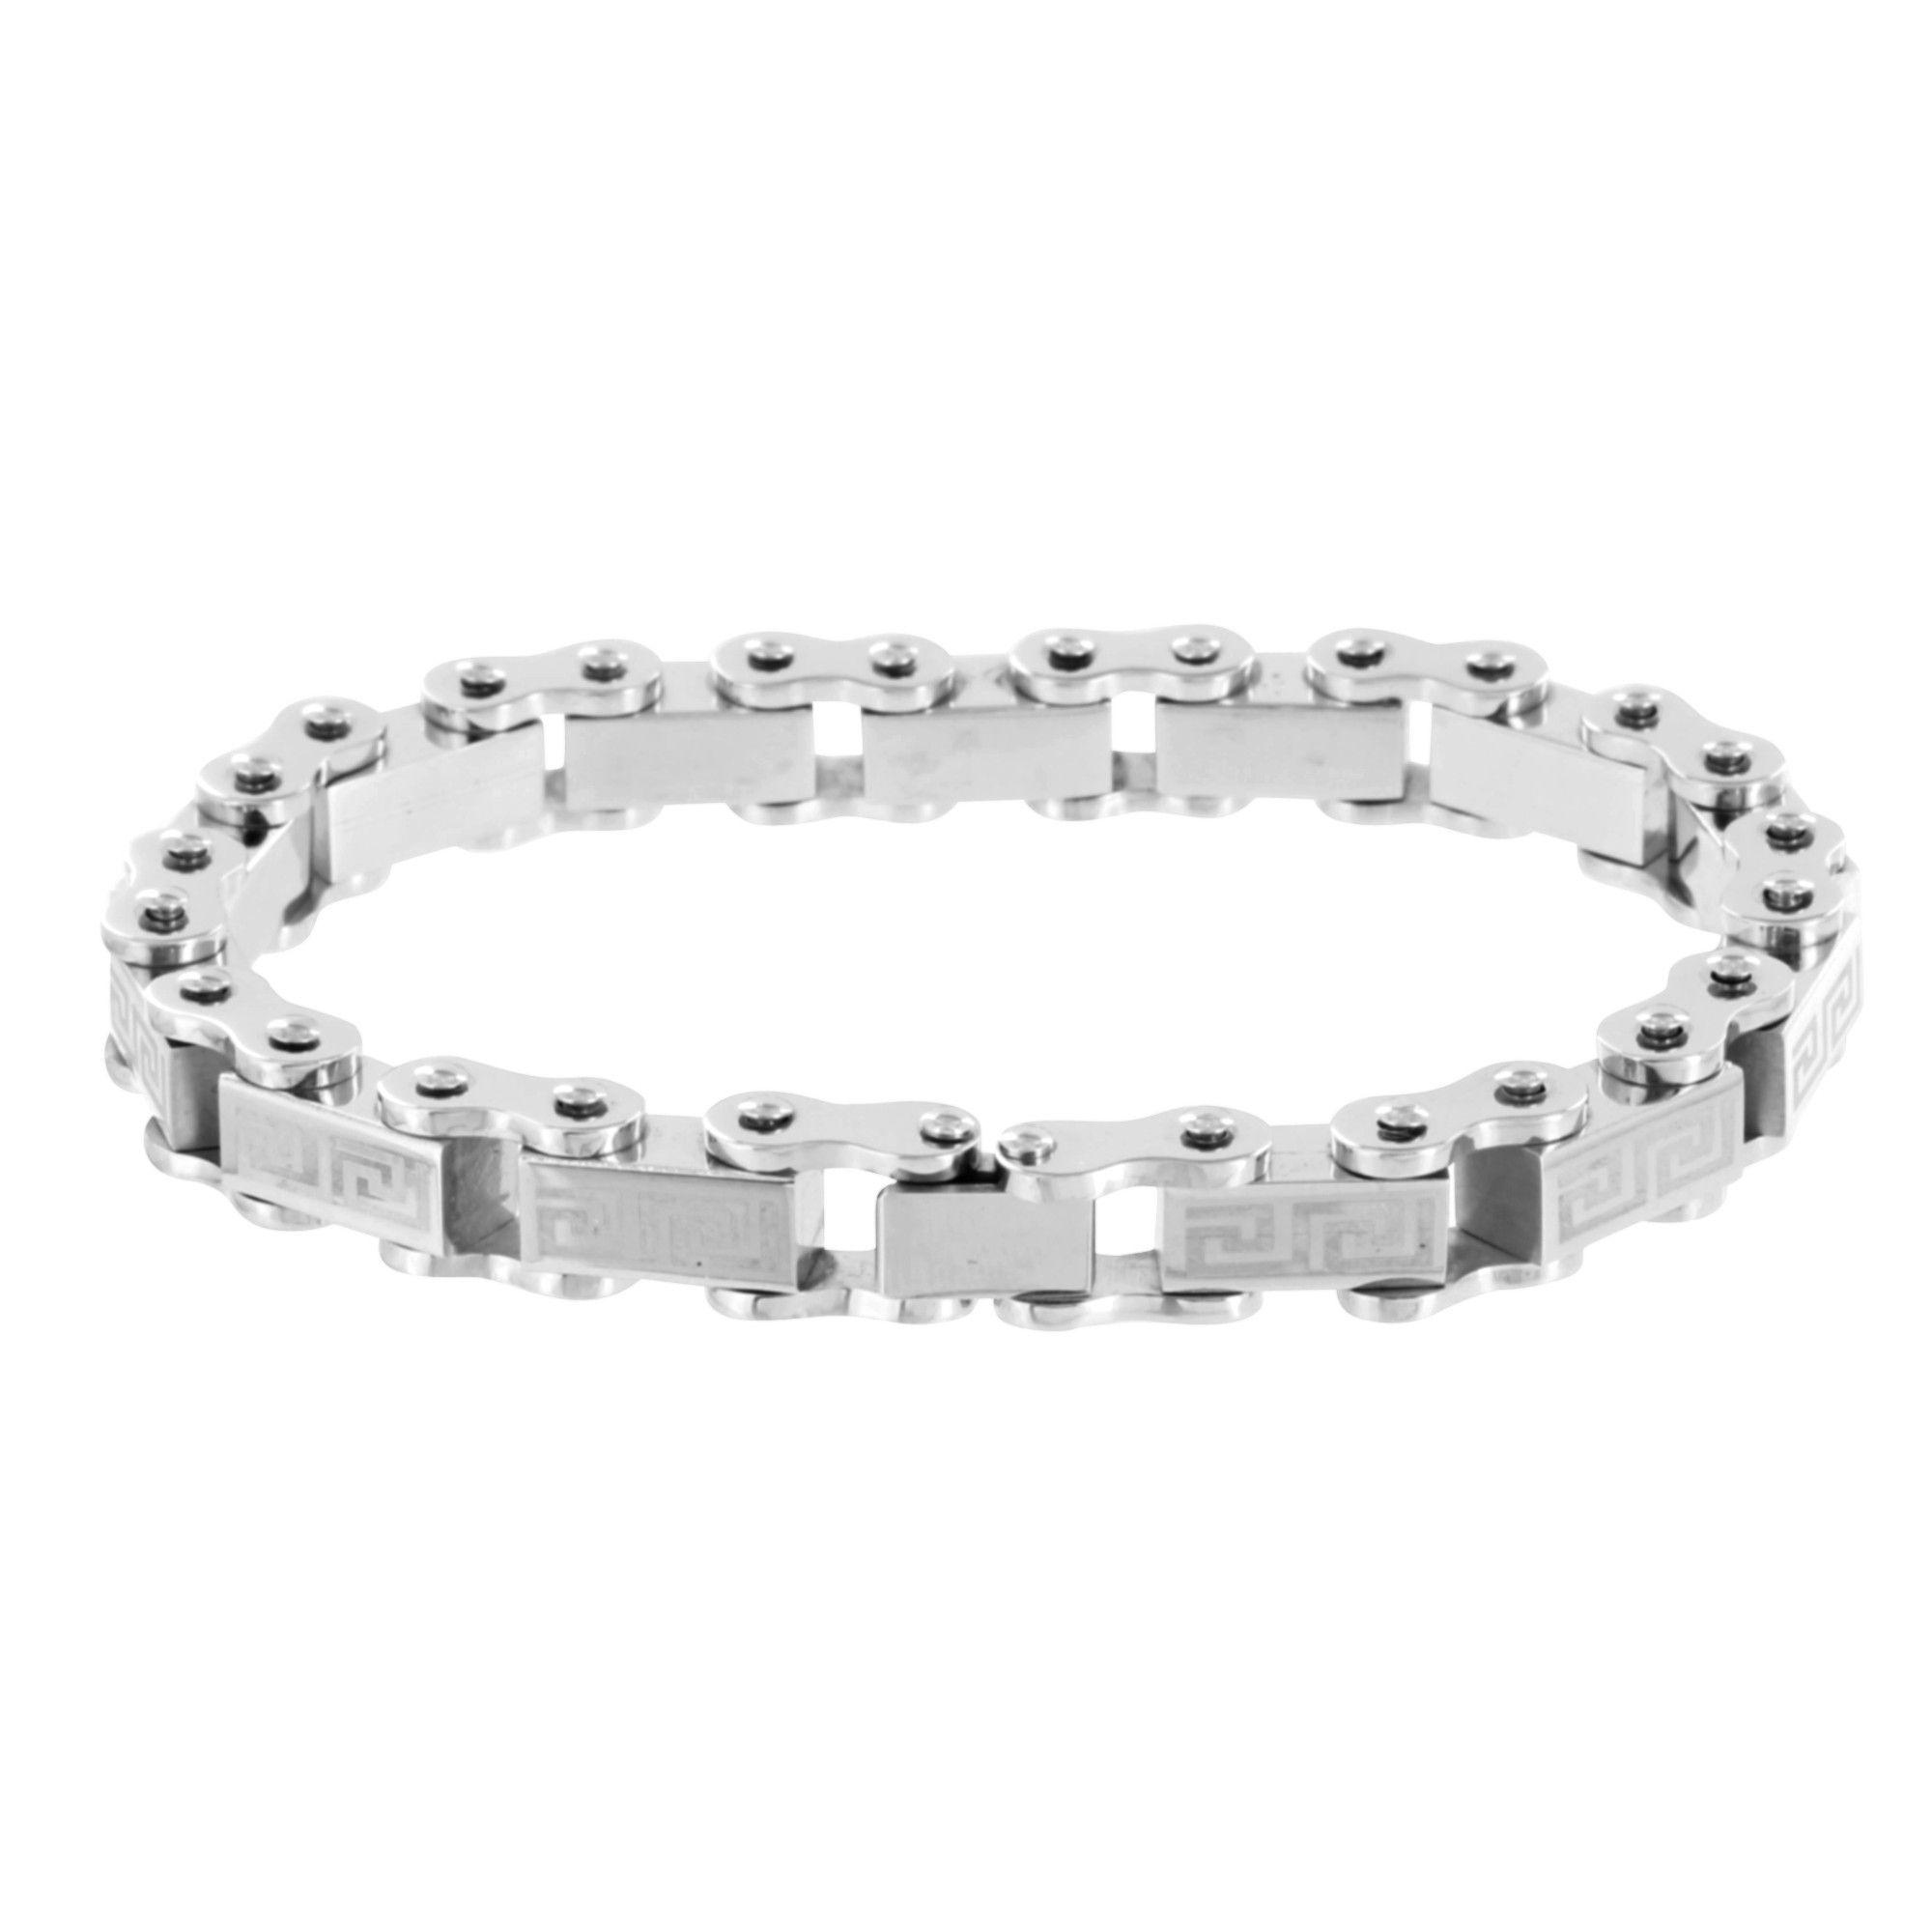 Stainless steel mens bracelet motorbike chain link designer